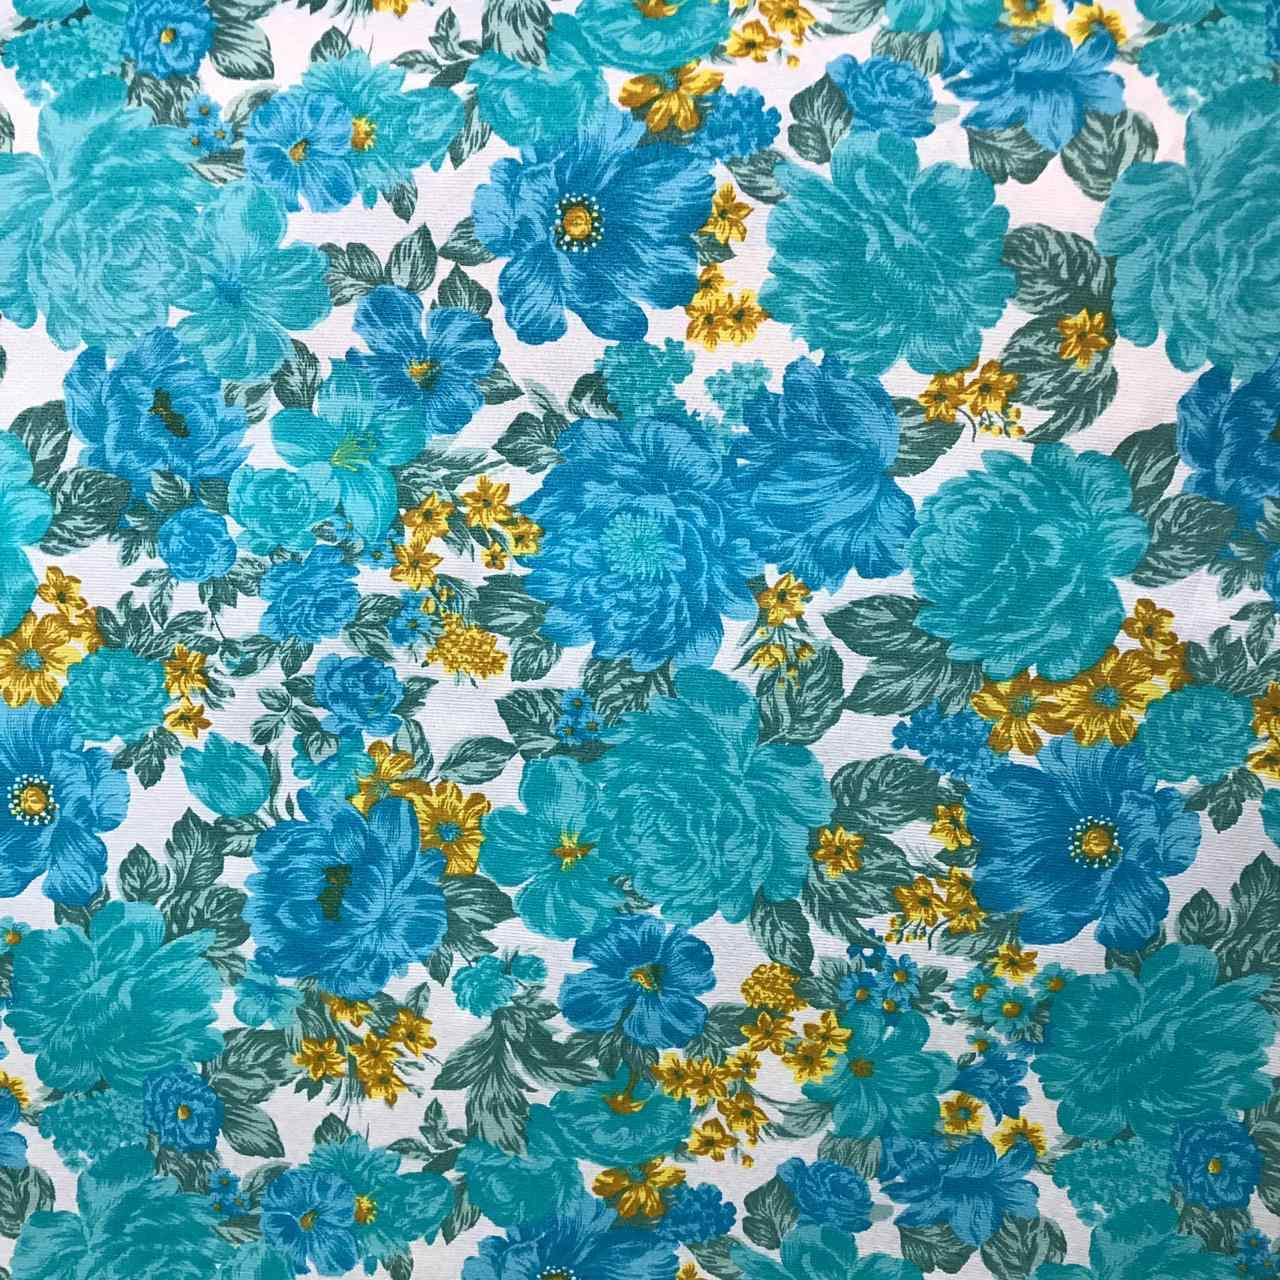 Tecido Gorgurinho Estampado Flores Verde e Azul - 1,50m de Largura